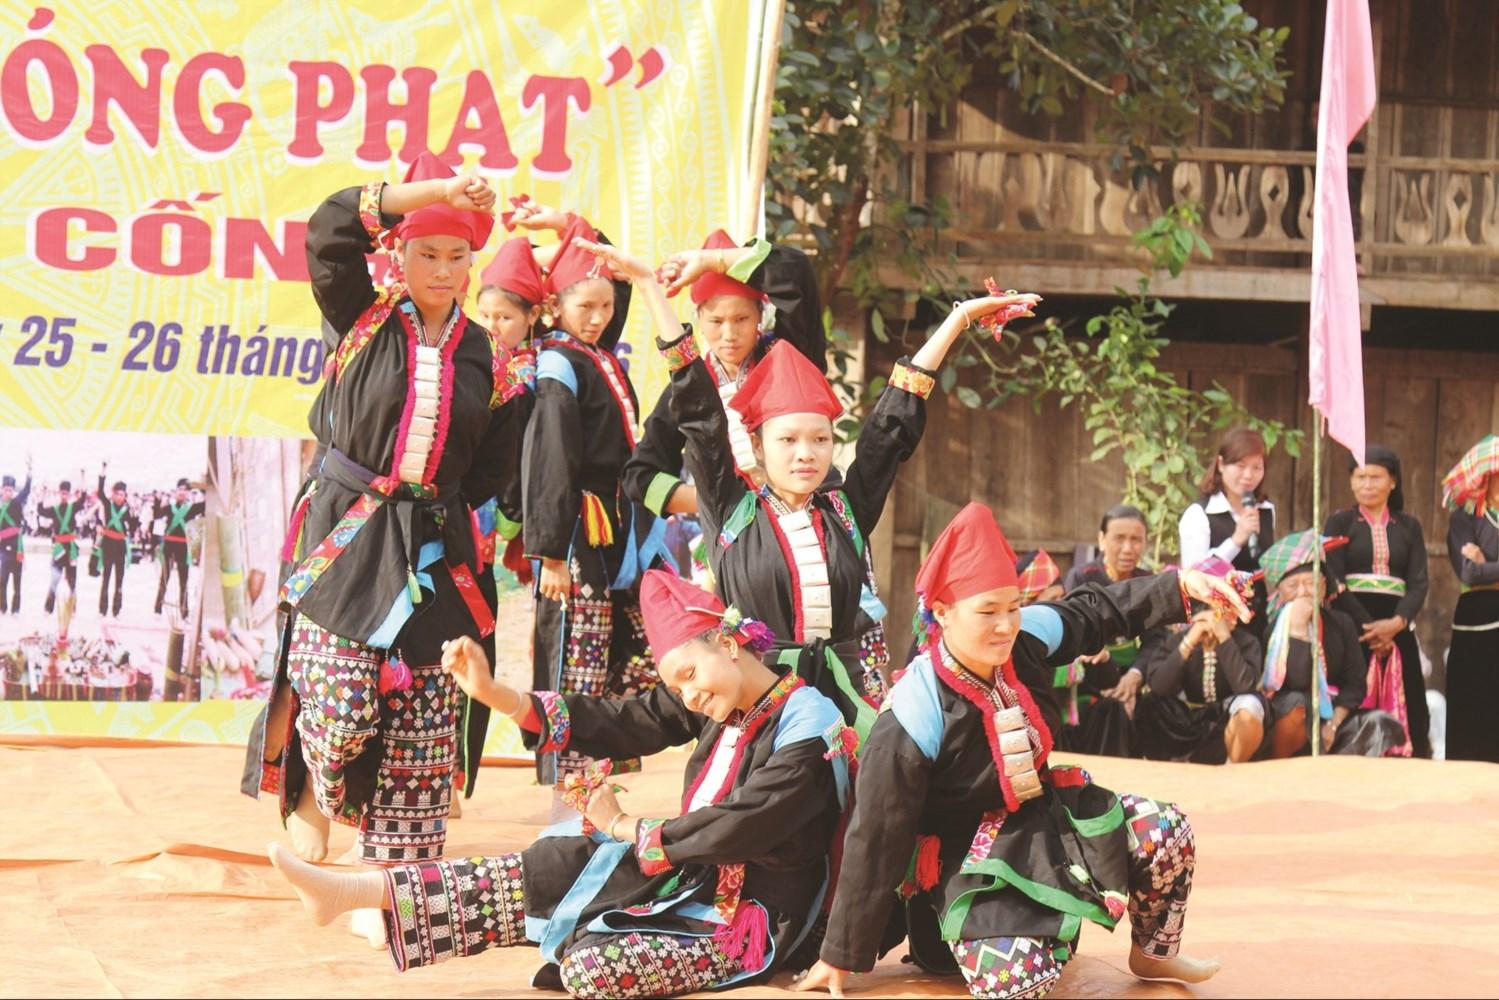 Huyện Nậm Nhùn (Lai Châu) tổ chức nhiều hoạt động giữ gìn bản sắc văn hóa của các dân tộc thông qua các Lễ hội